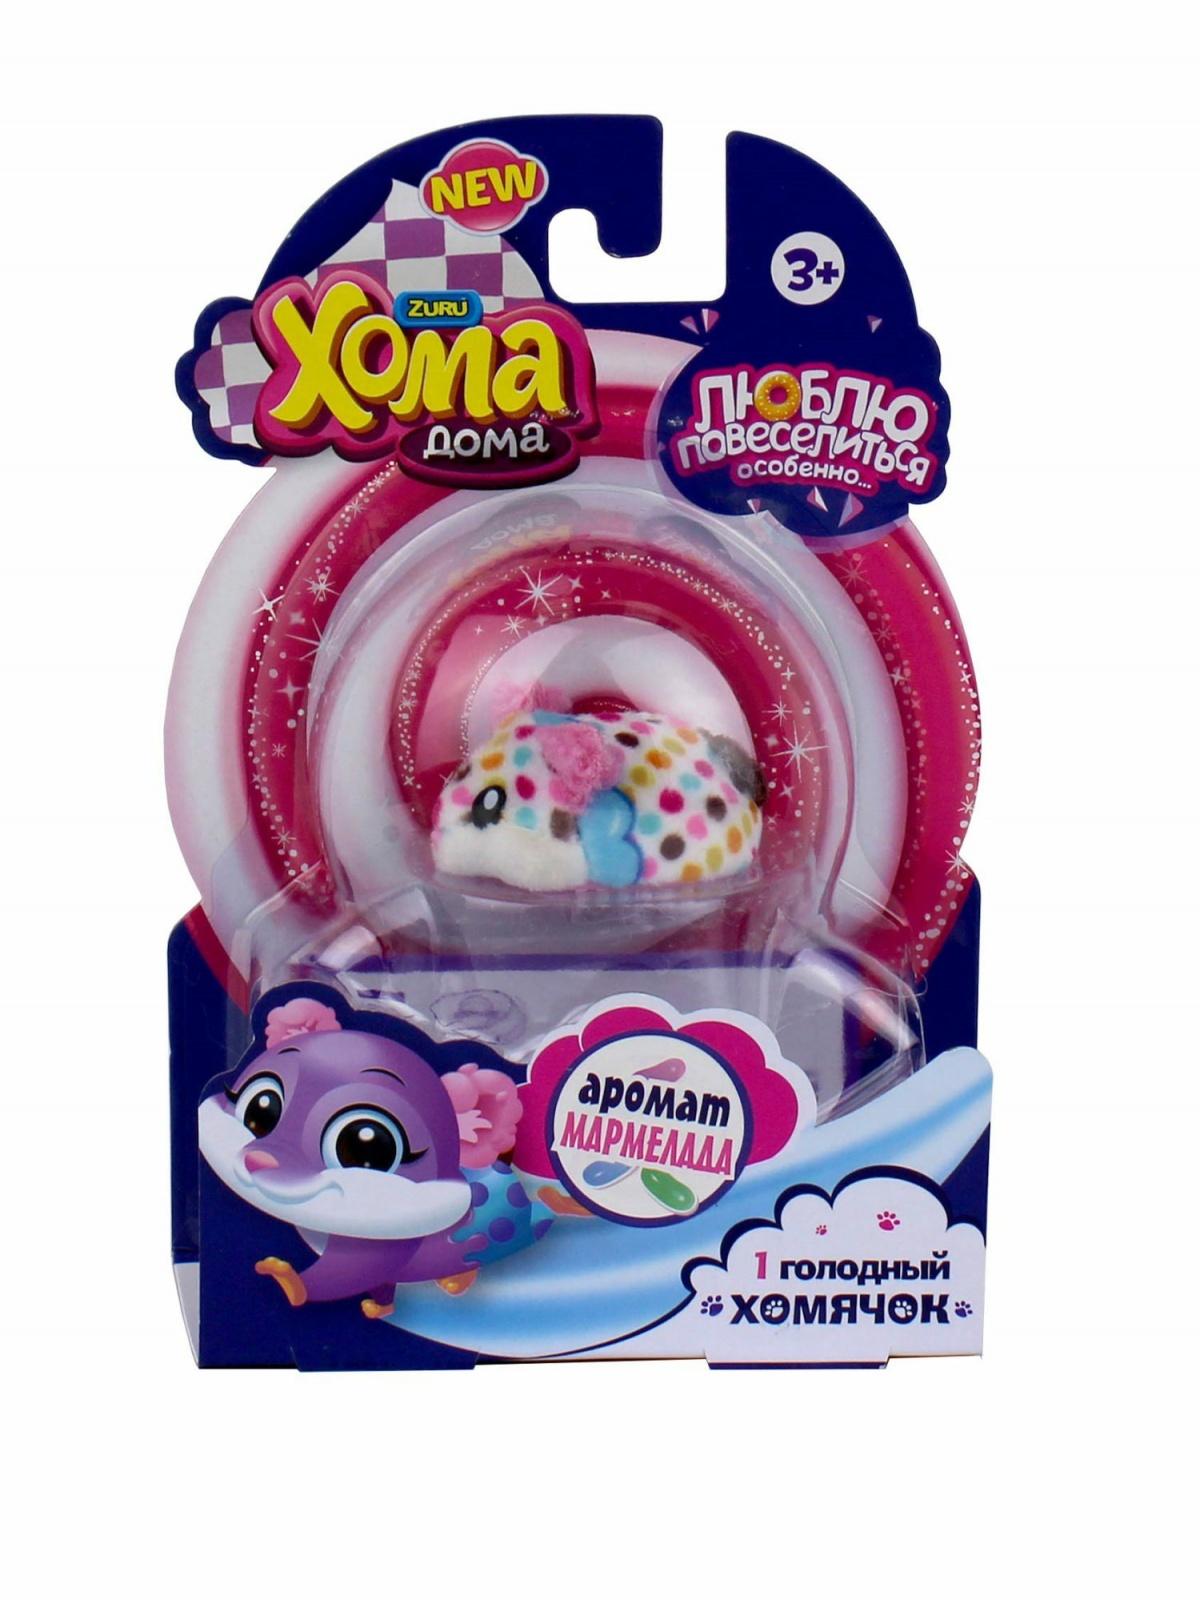 Интерактивная игрушка Хома Дома Хомячок с ароматом мармелада Т16274 купить по цене 624 руб. в Санкт-Петербурге в интернет-магазине